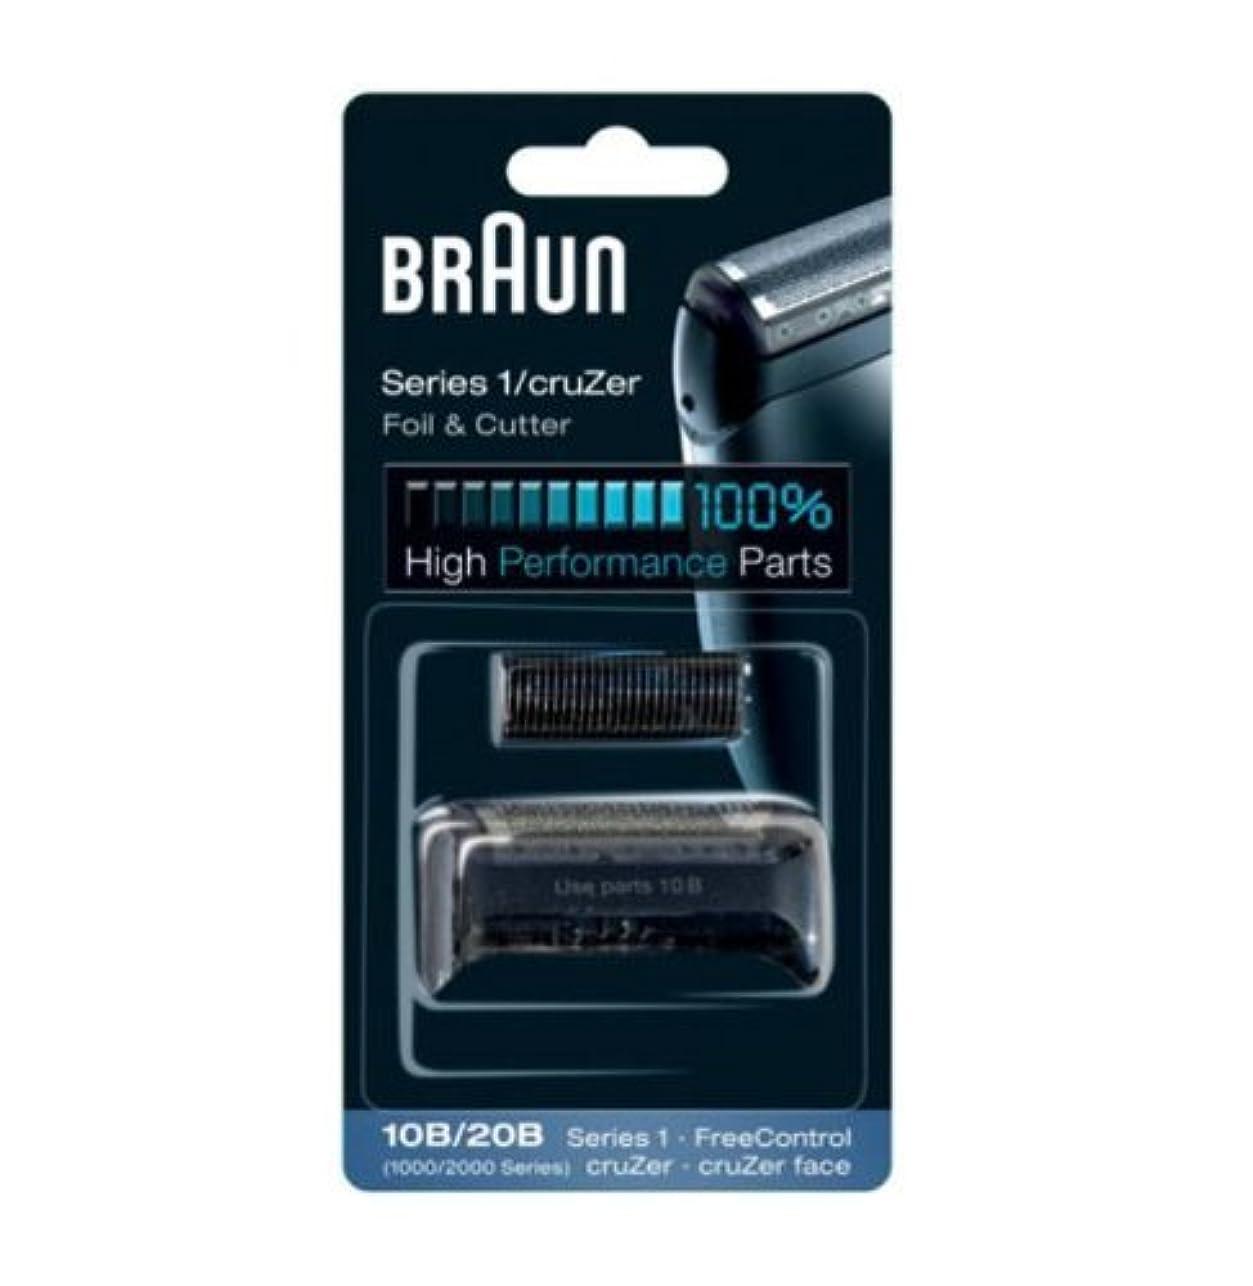 コンバーチブル本振幅Braun Replacement Foil & Cutter - 10B, Series 1,FreeControl - 1000 Series by Braun [並行輸入品]